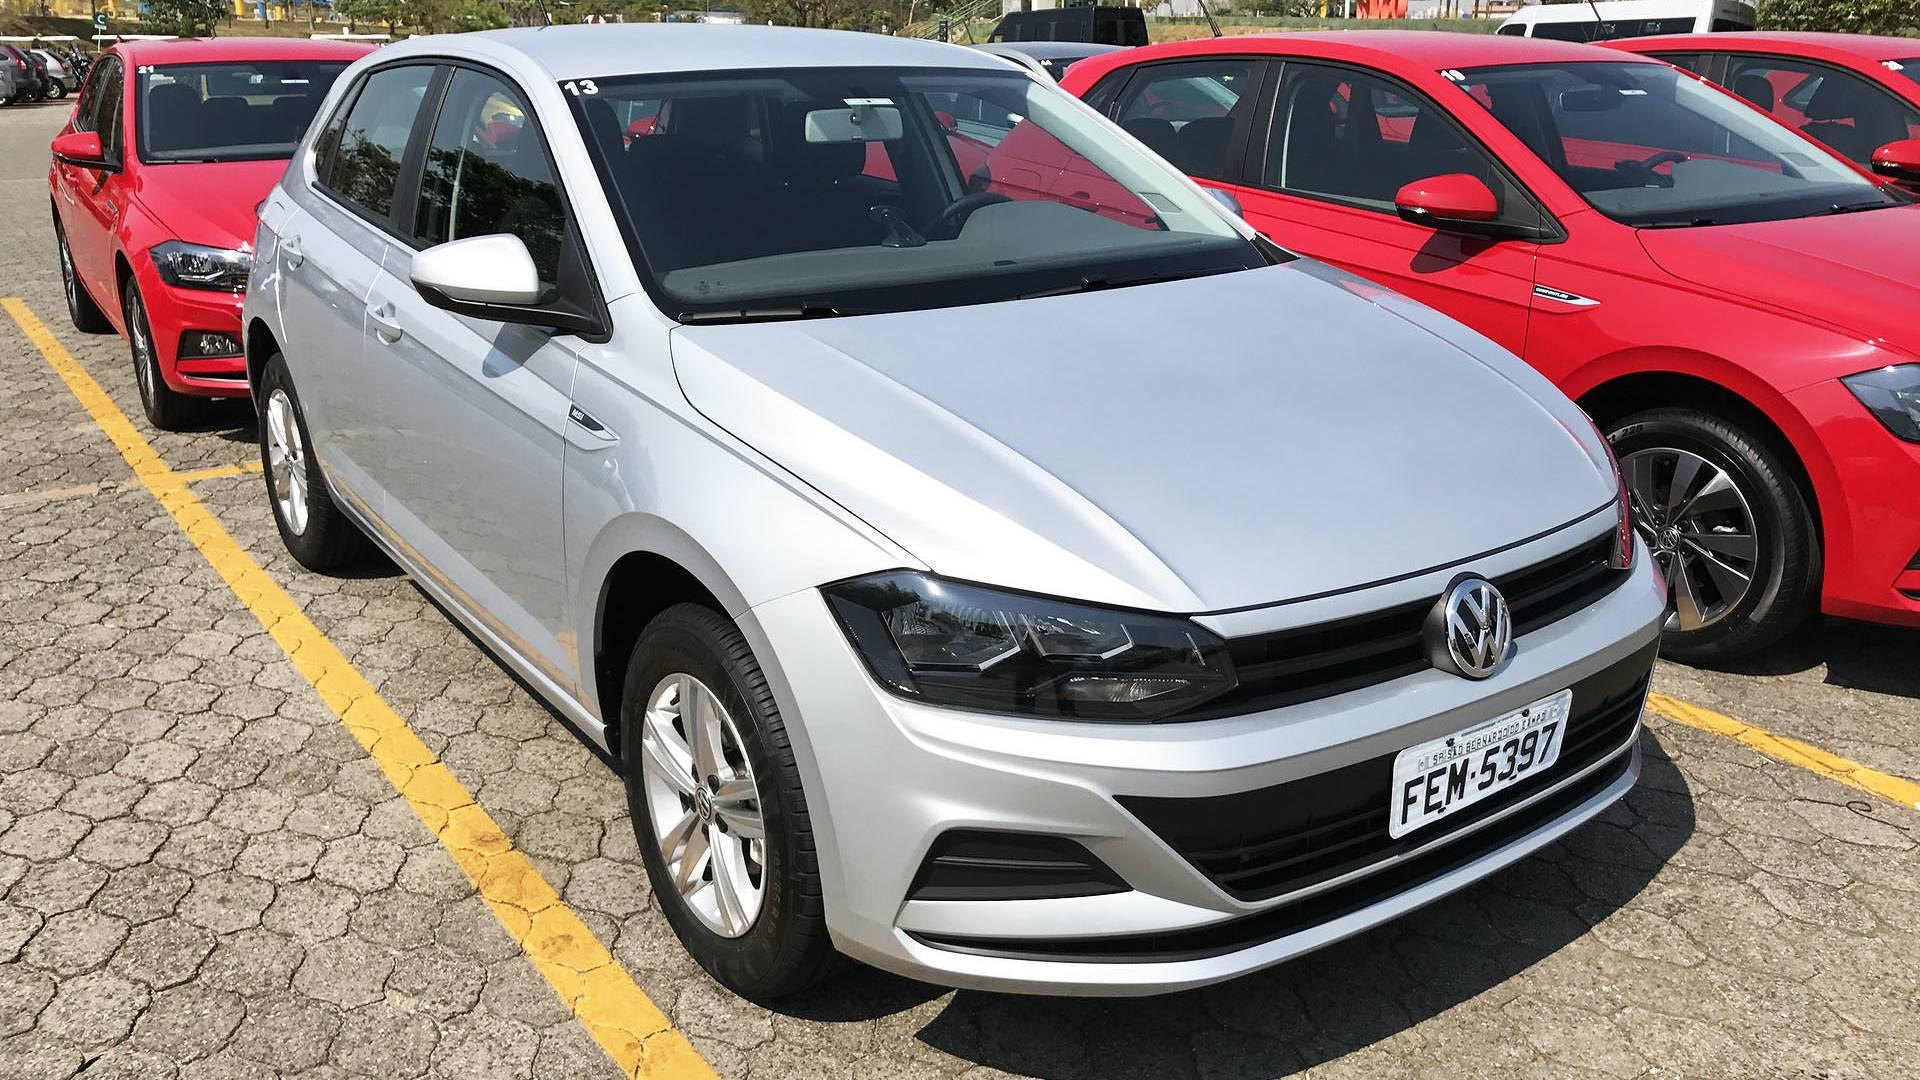 Novo VW Polo terá motor 1.6 com câmbio automático na Argentina 8512374da5819